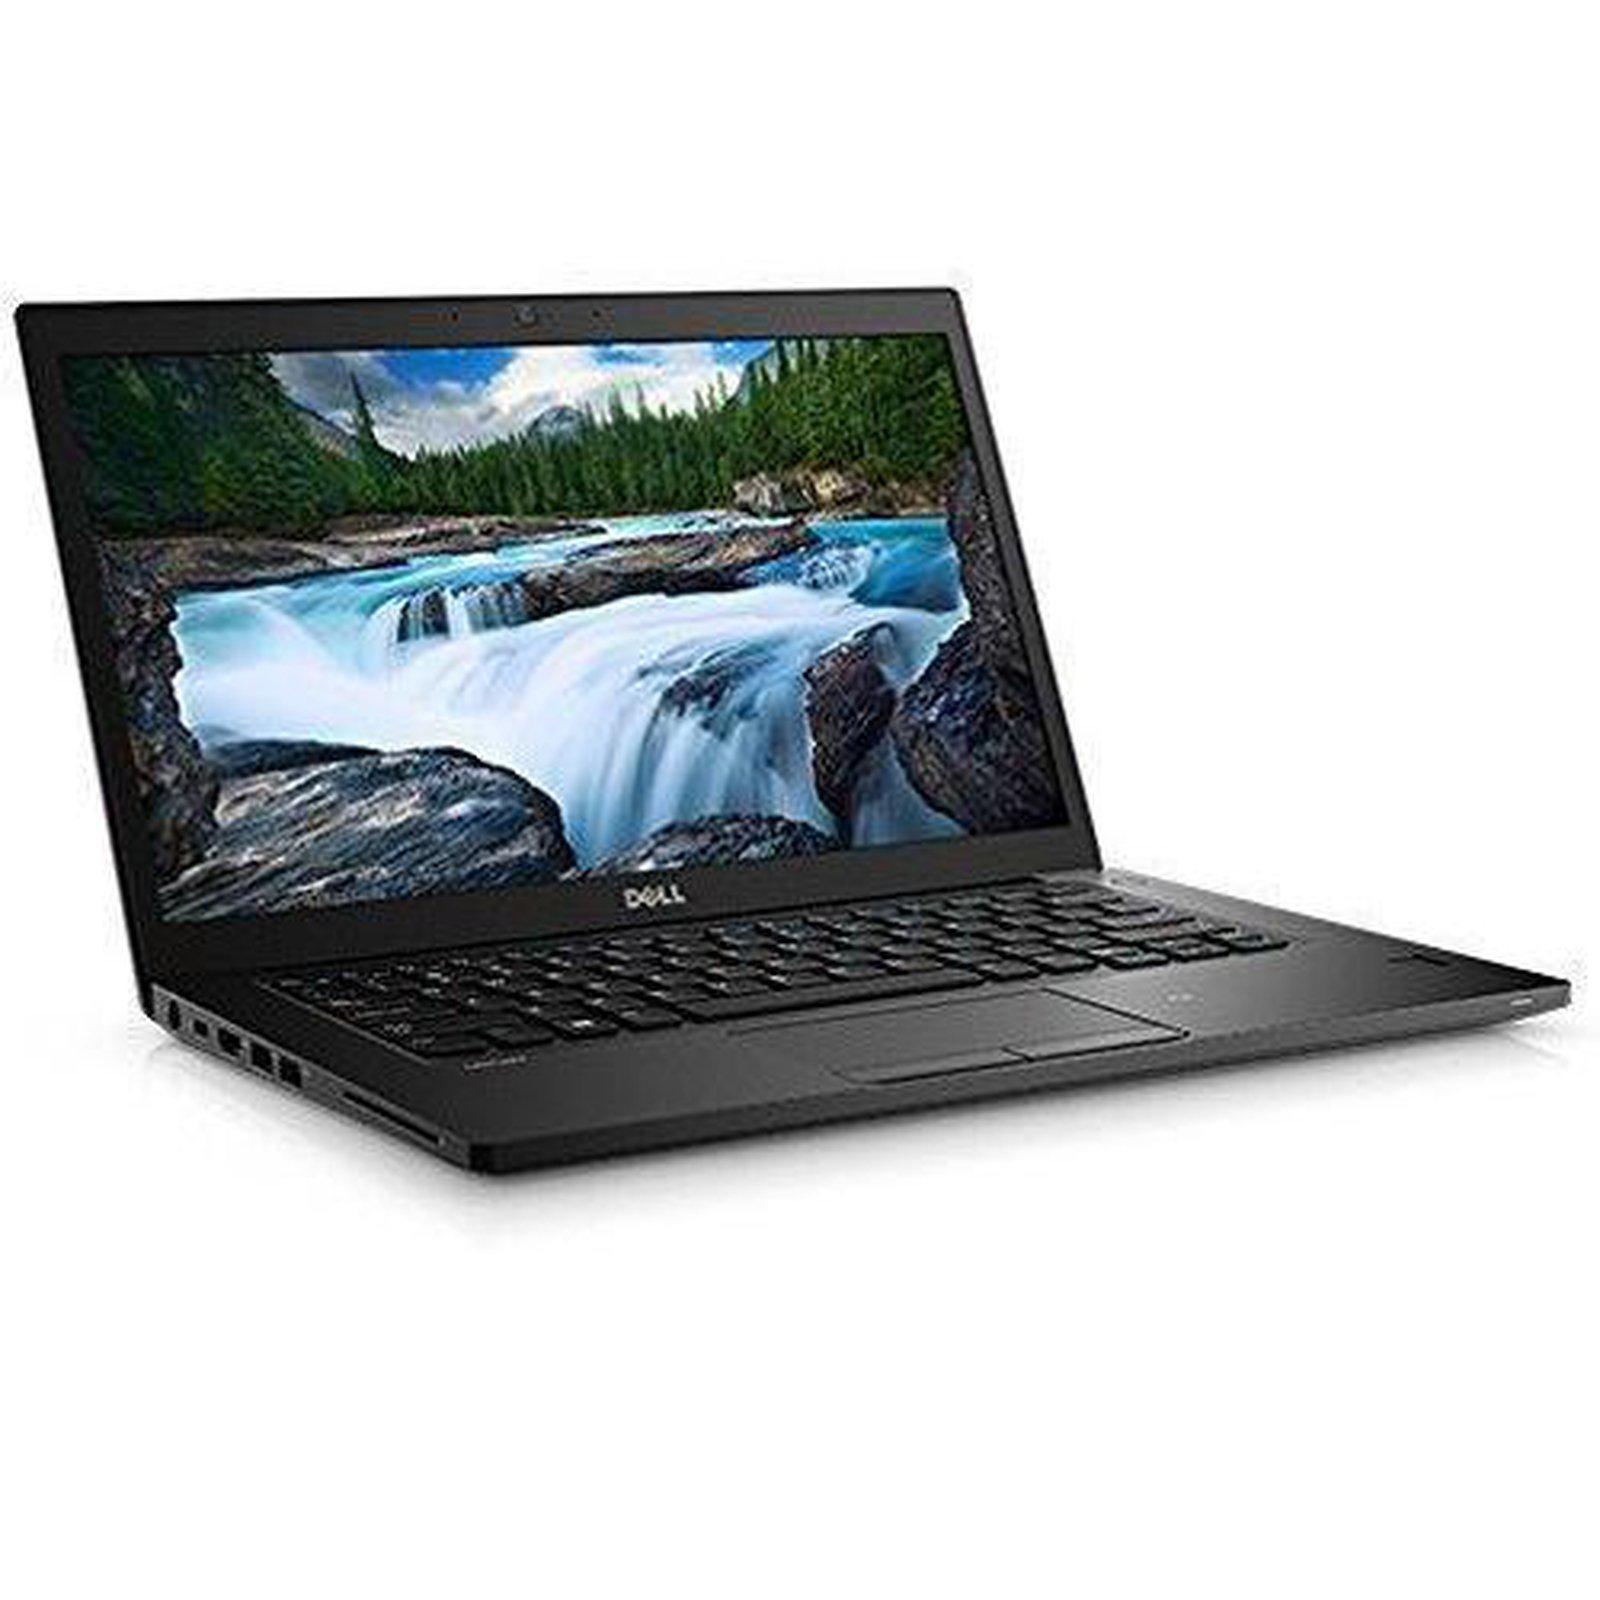 Dell Latitude 7480 14-inch (2017) - Core i7-6600U - 16 GB - SSD 512 GB